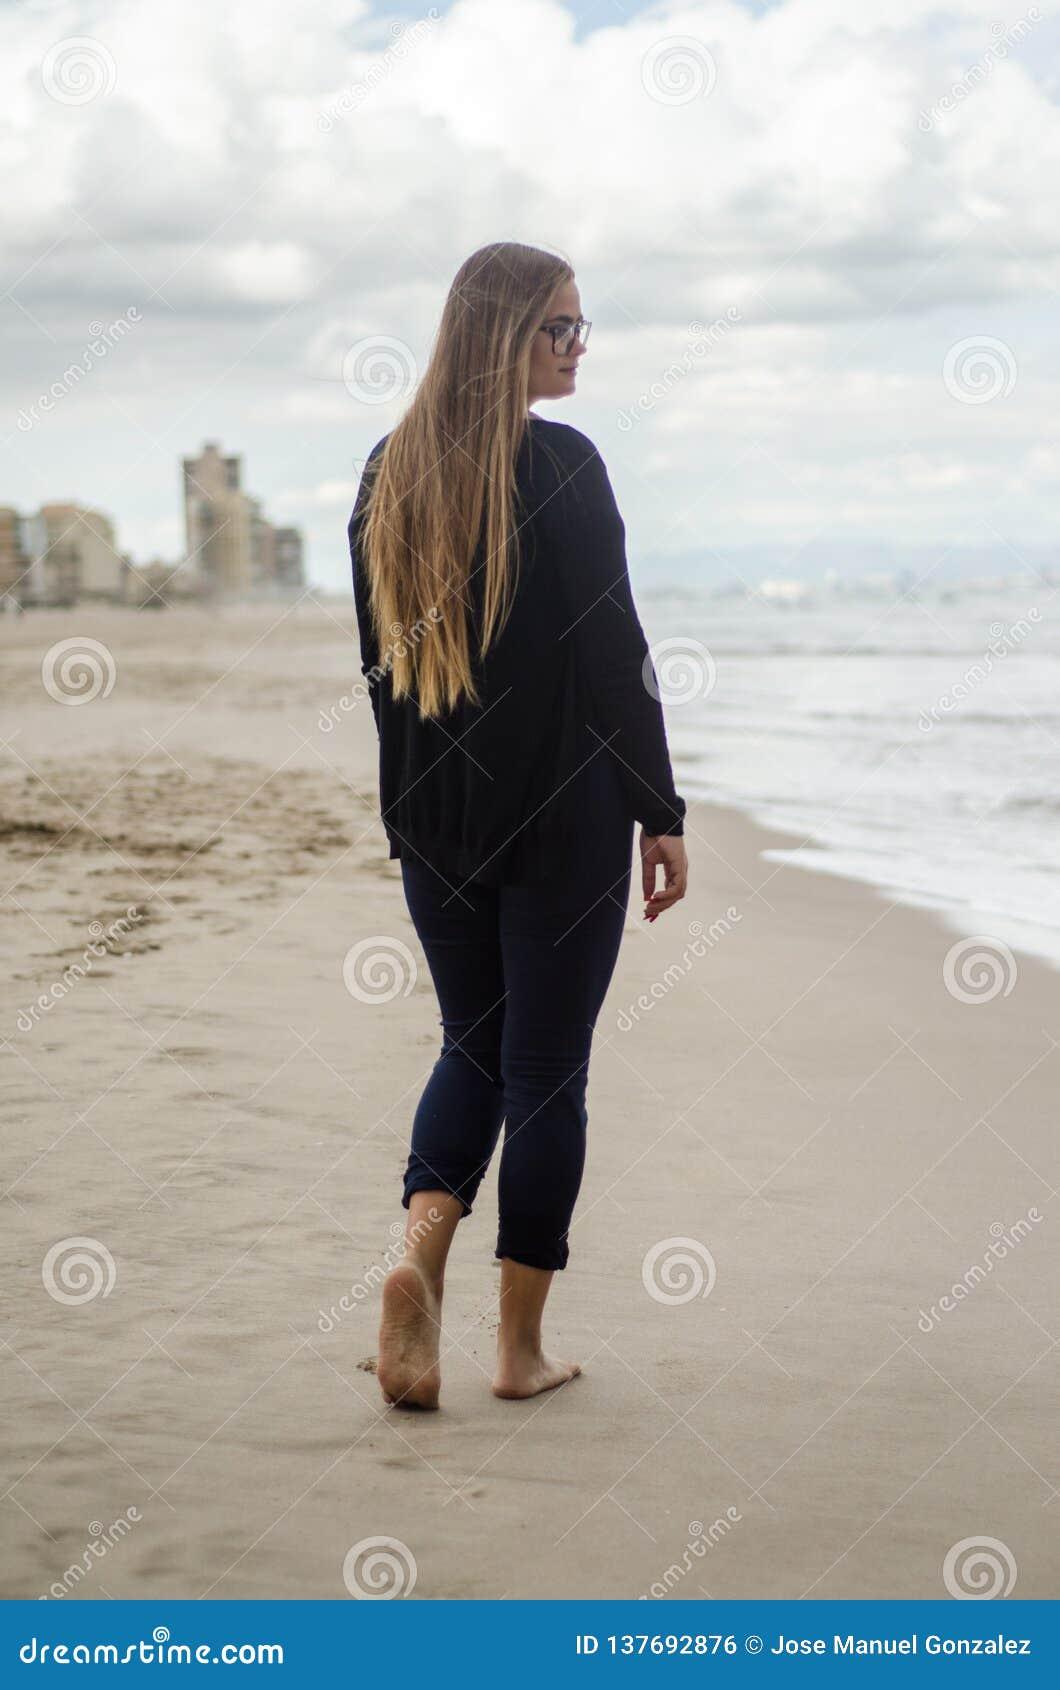 Ragazza sul suo indietro, camminando sulla spiaggia un giorno nuvoloso